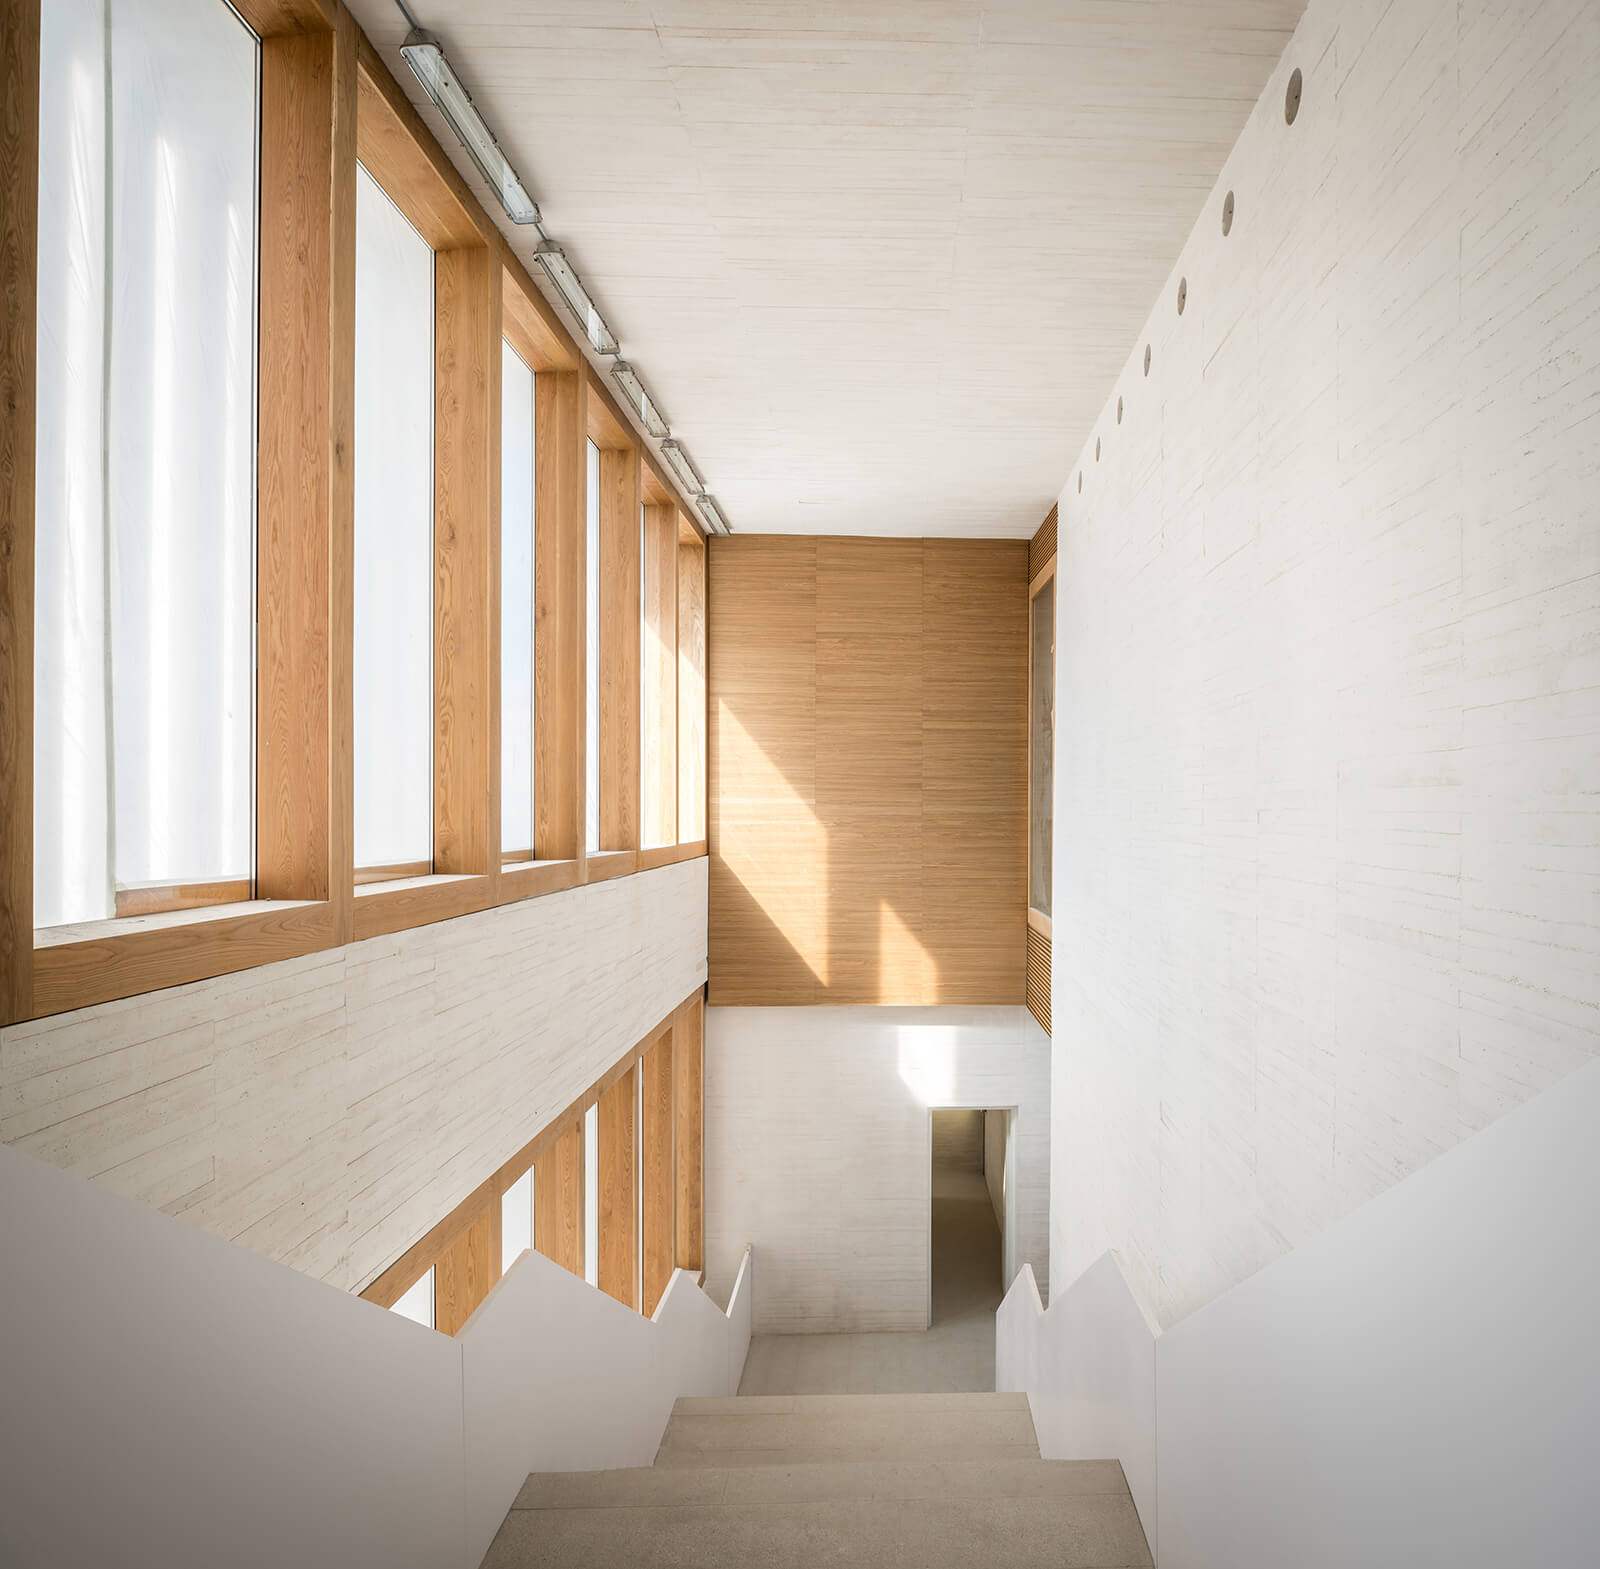 Museo de Arte Contemporáneo Helga de Alvear  - 11 1 56